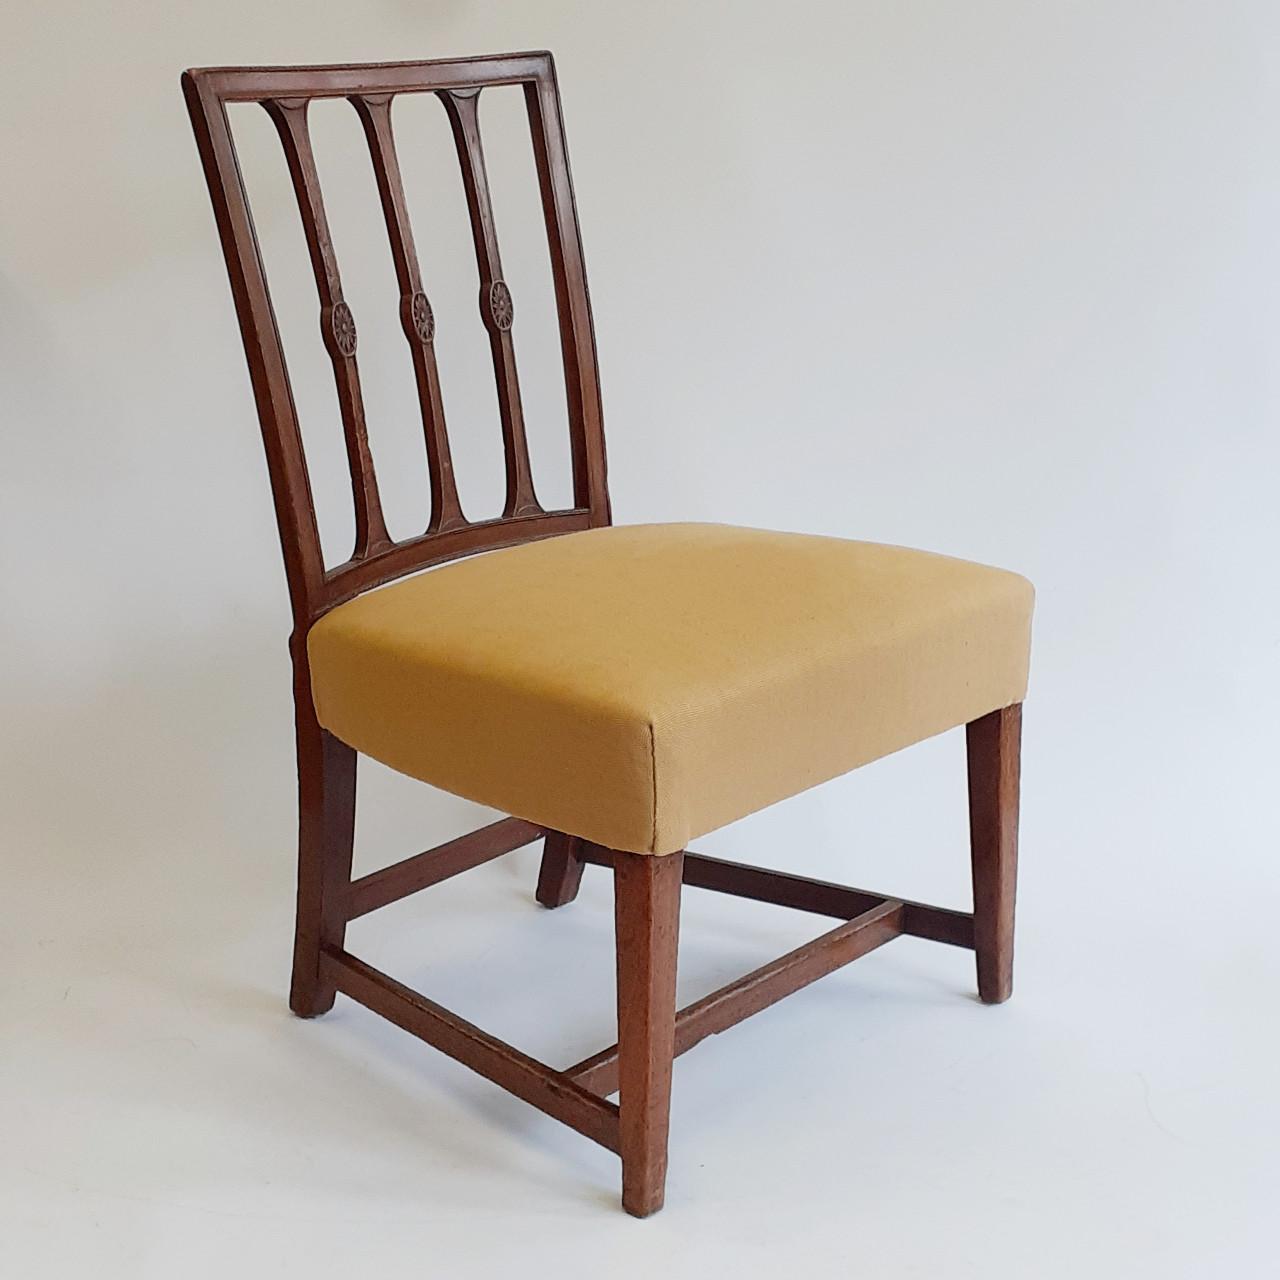 Traditionally upholstered in ochre linen